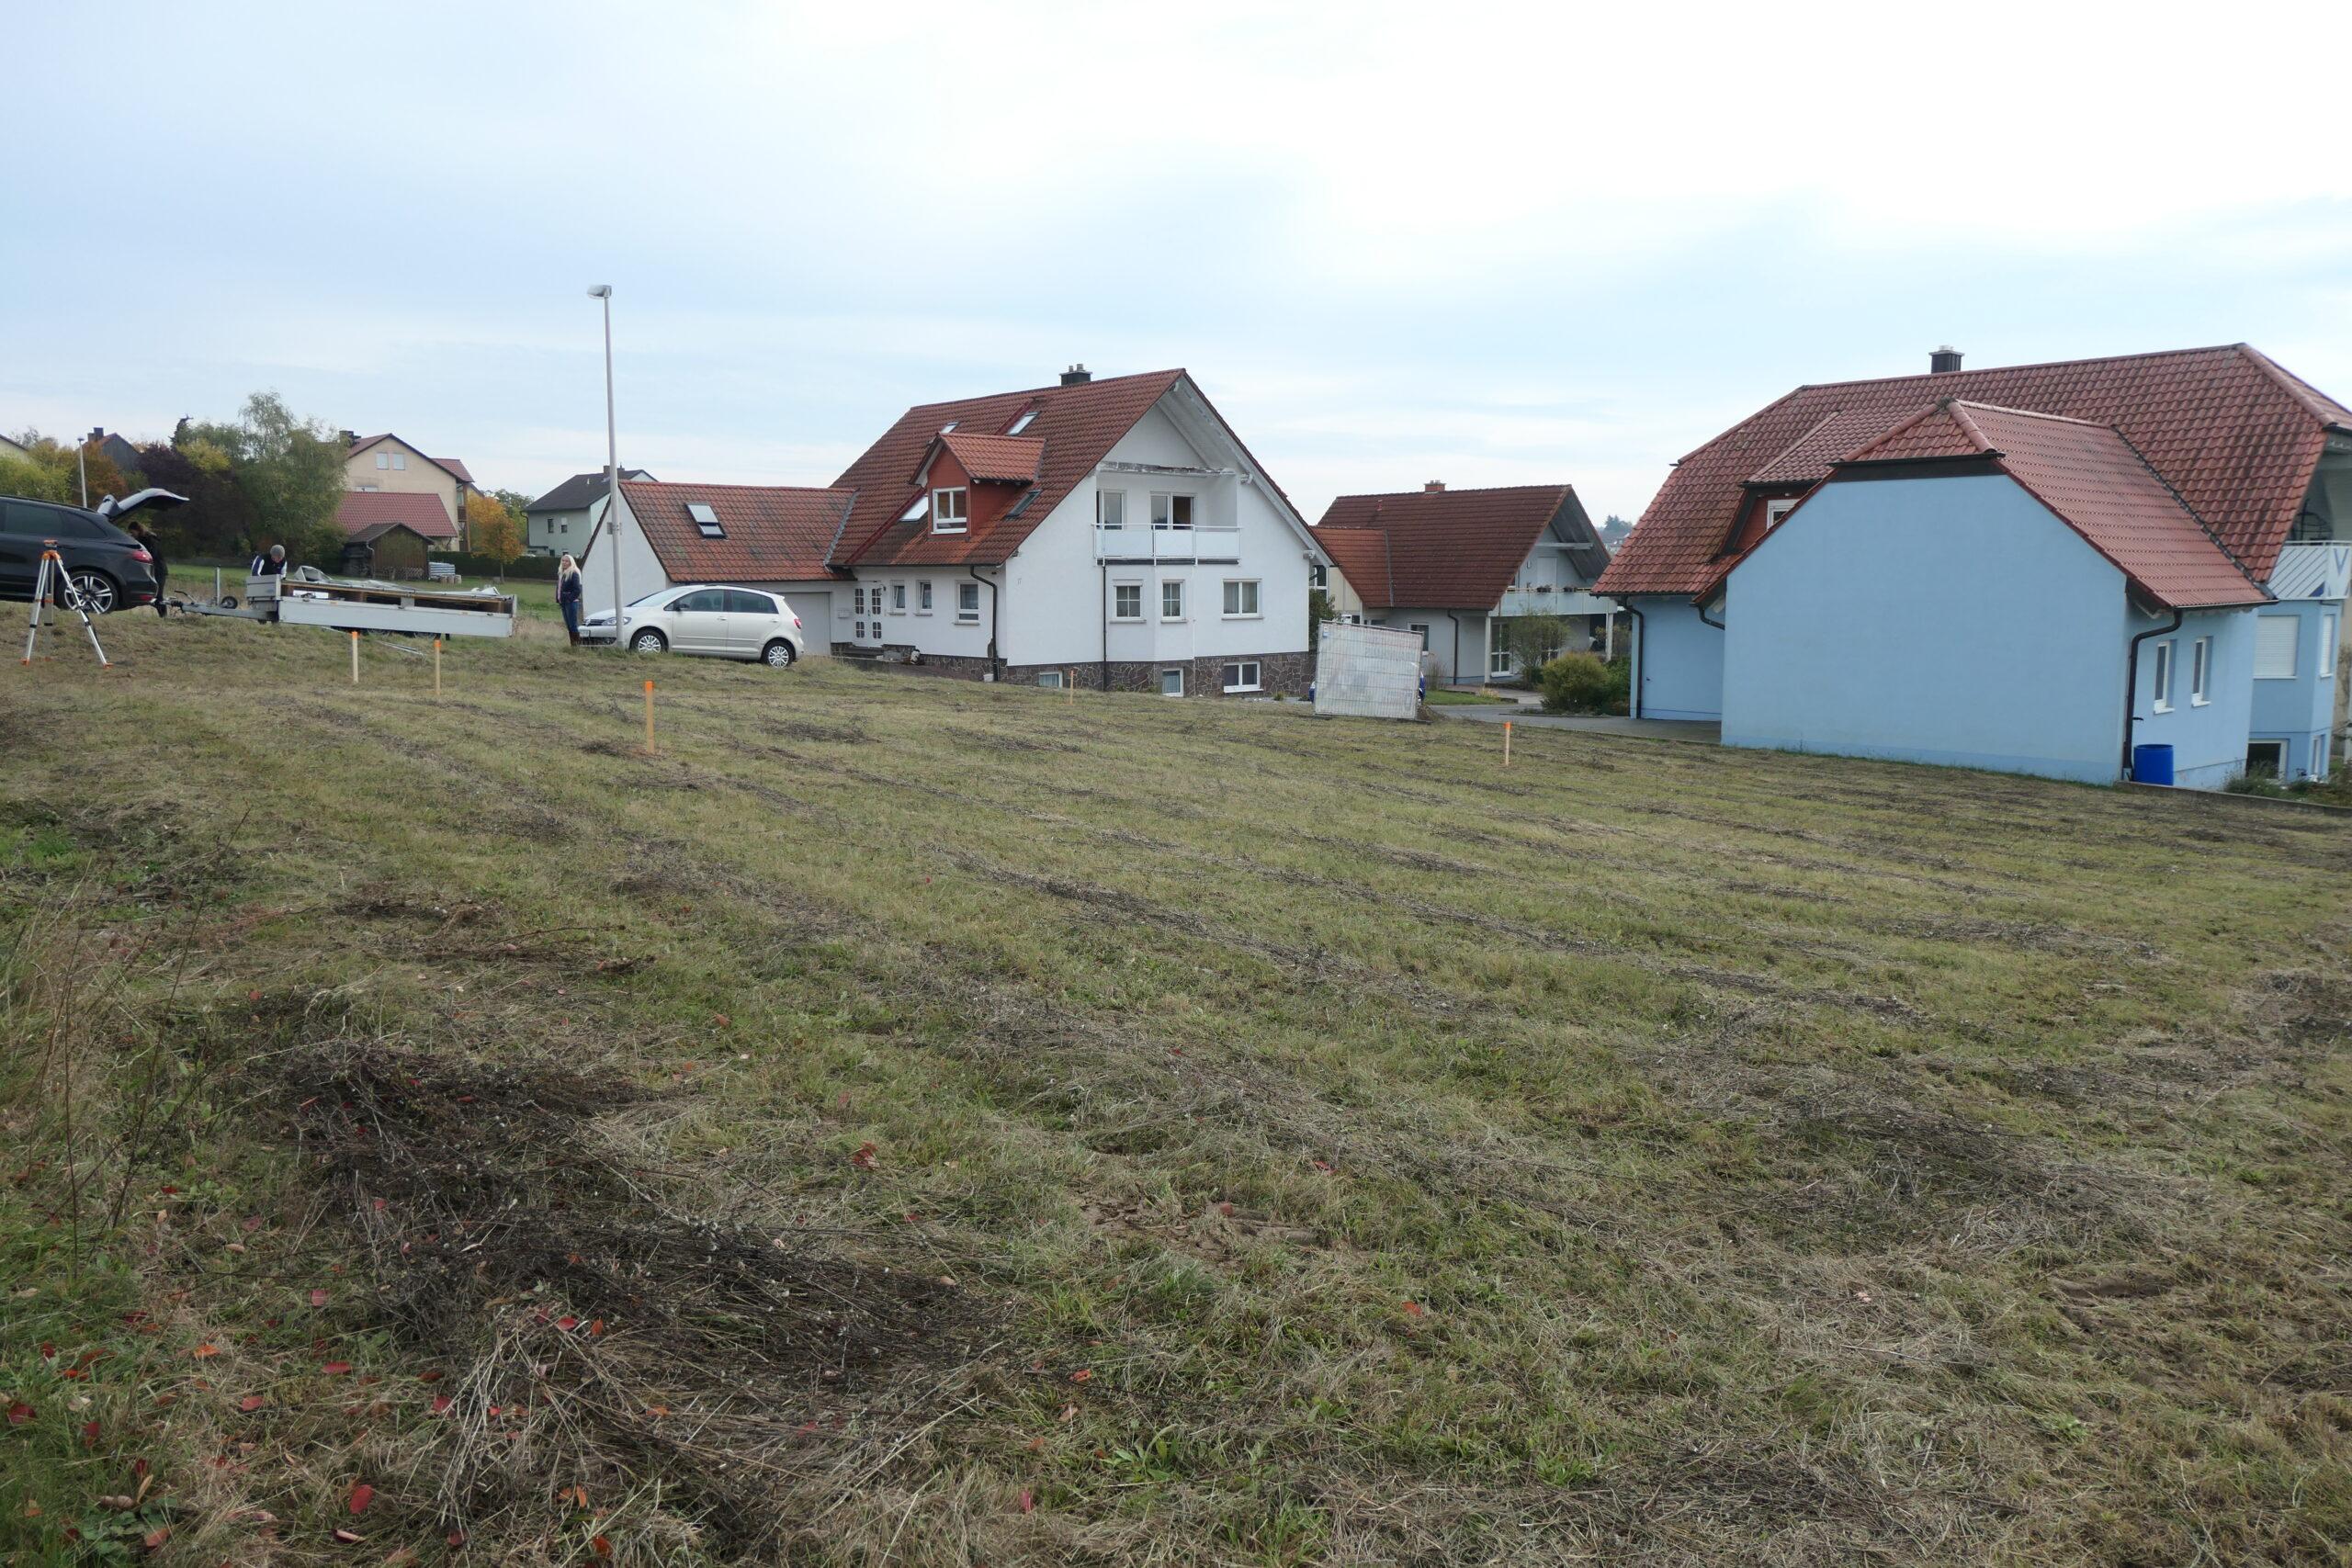 Grundstueck - Von-Muenster-Strasse 18 - Rannungen (2)